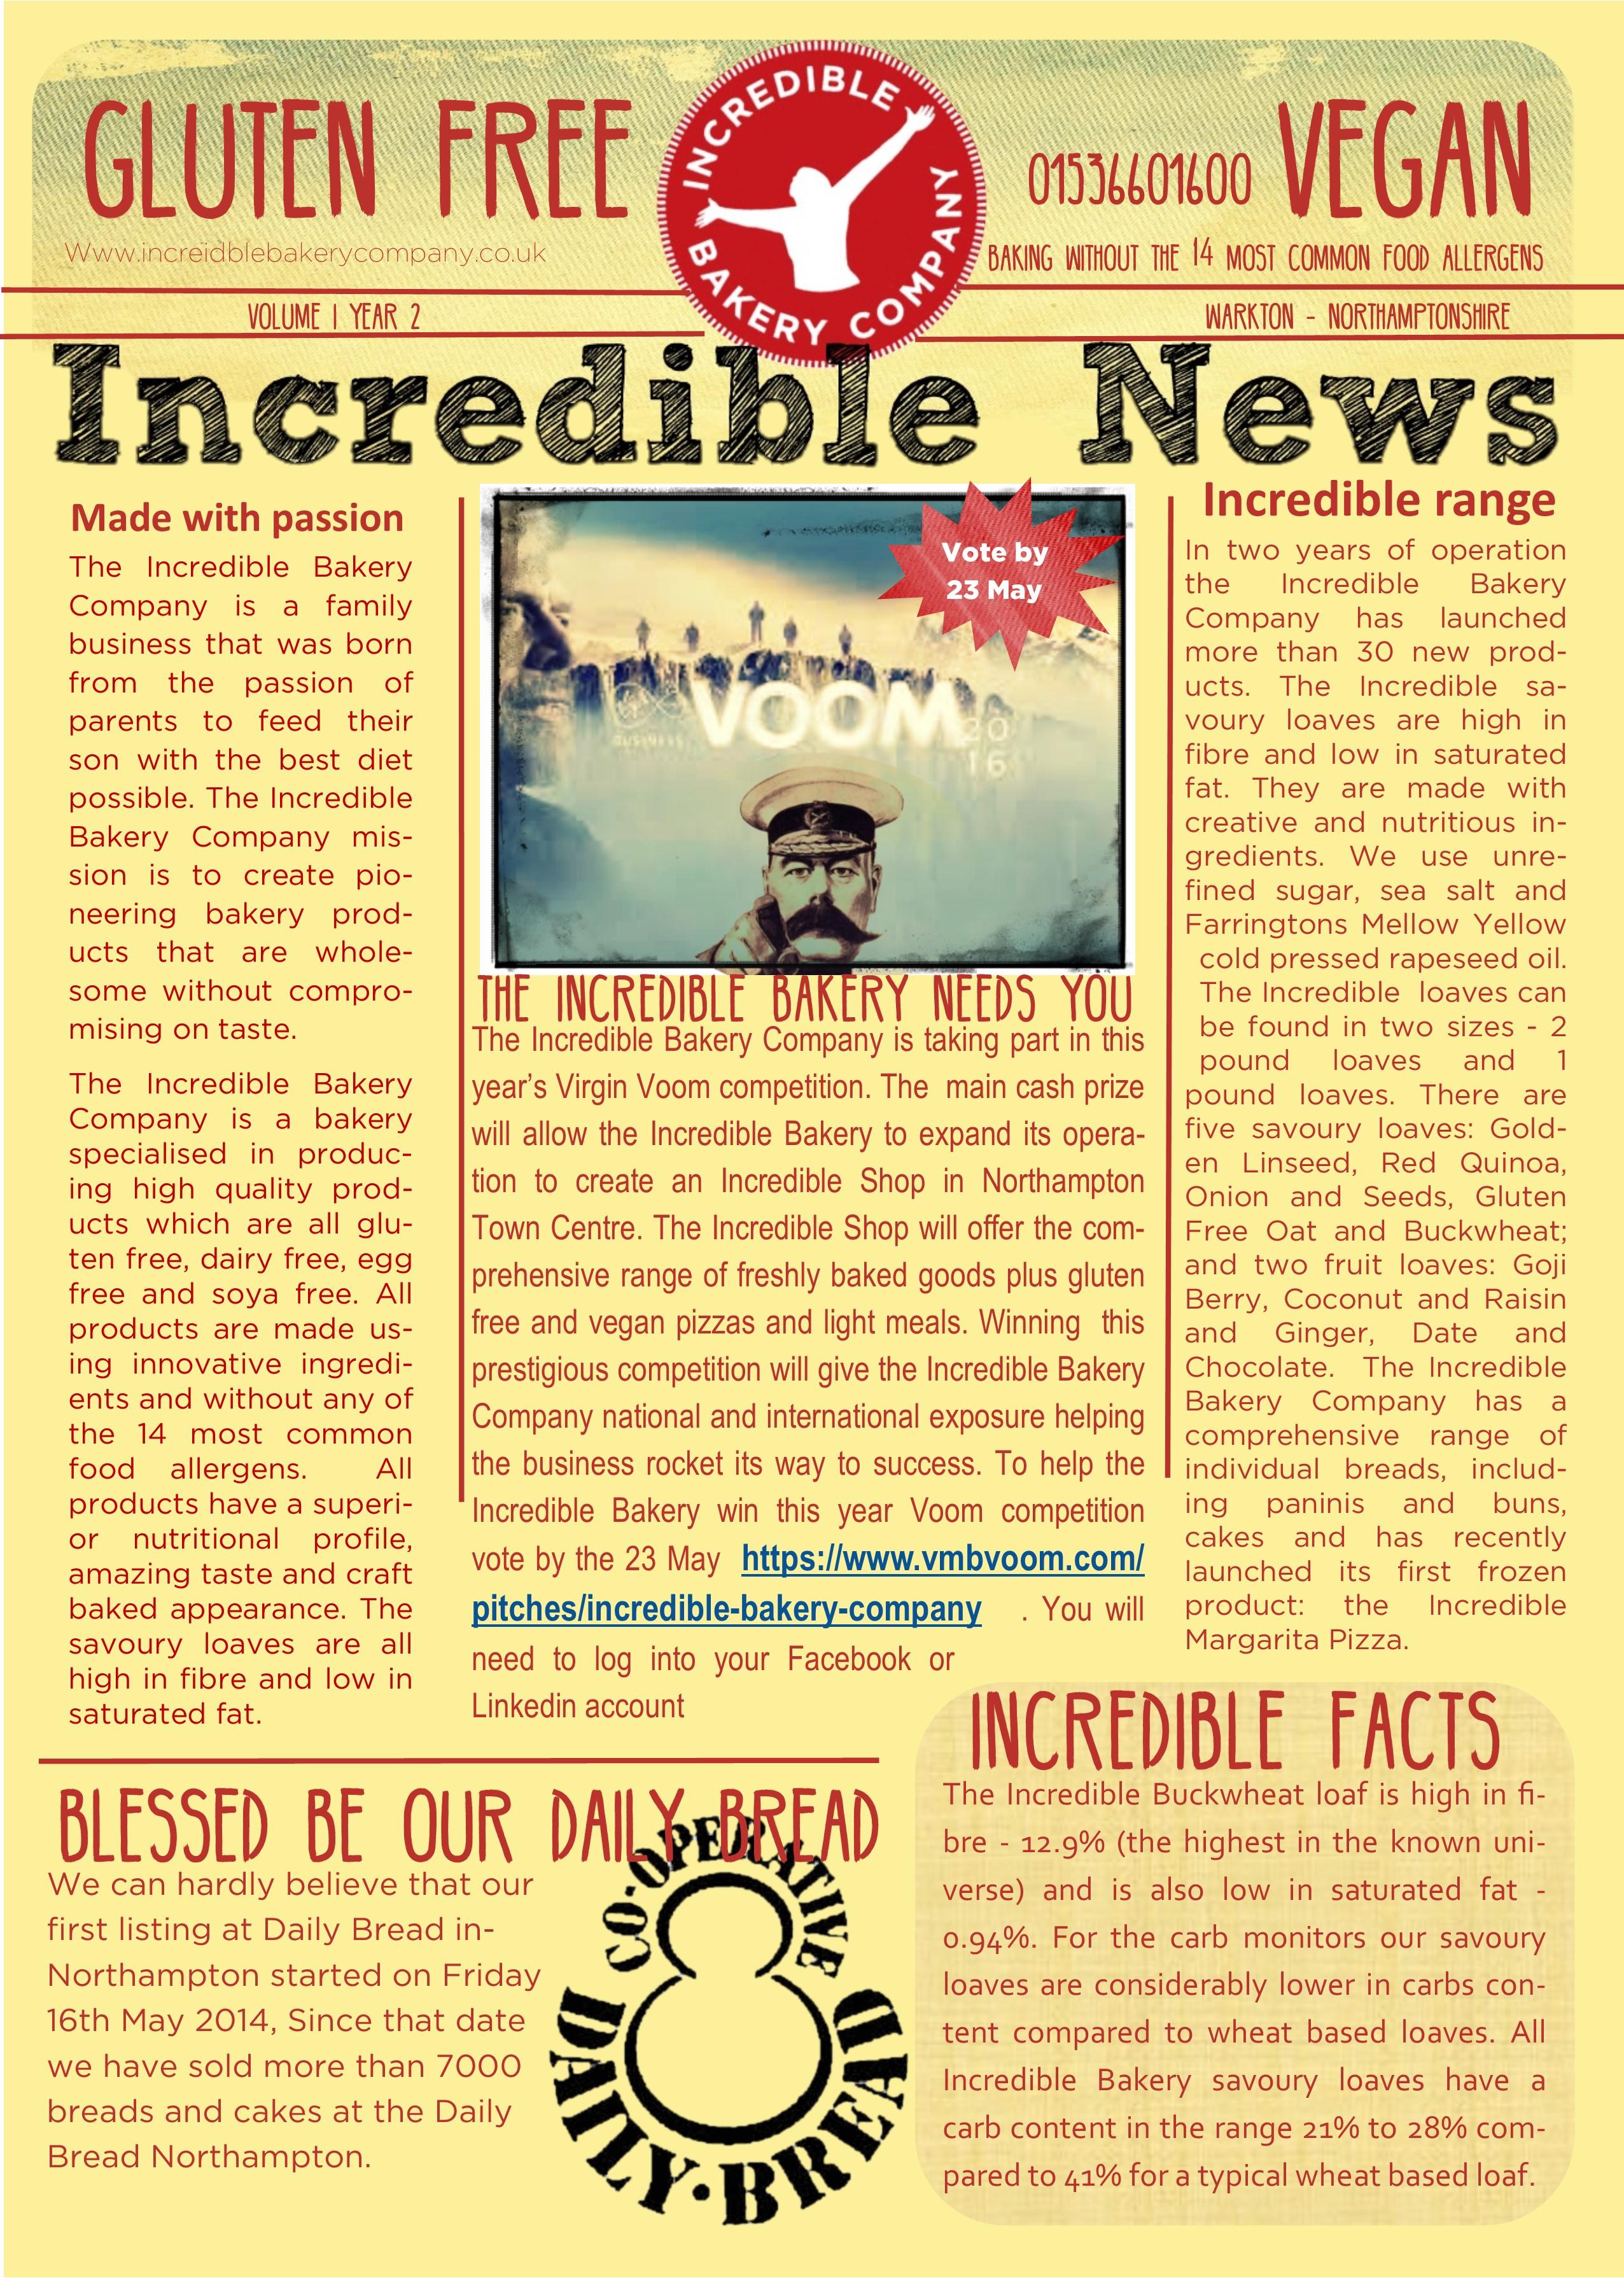 newsletter-3-side-aa.jpg